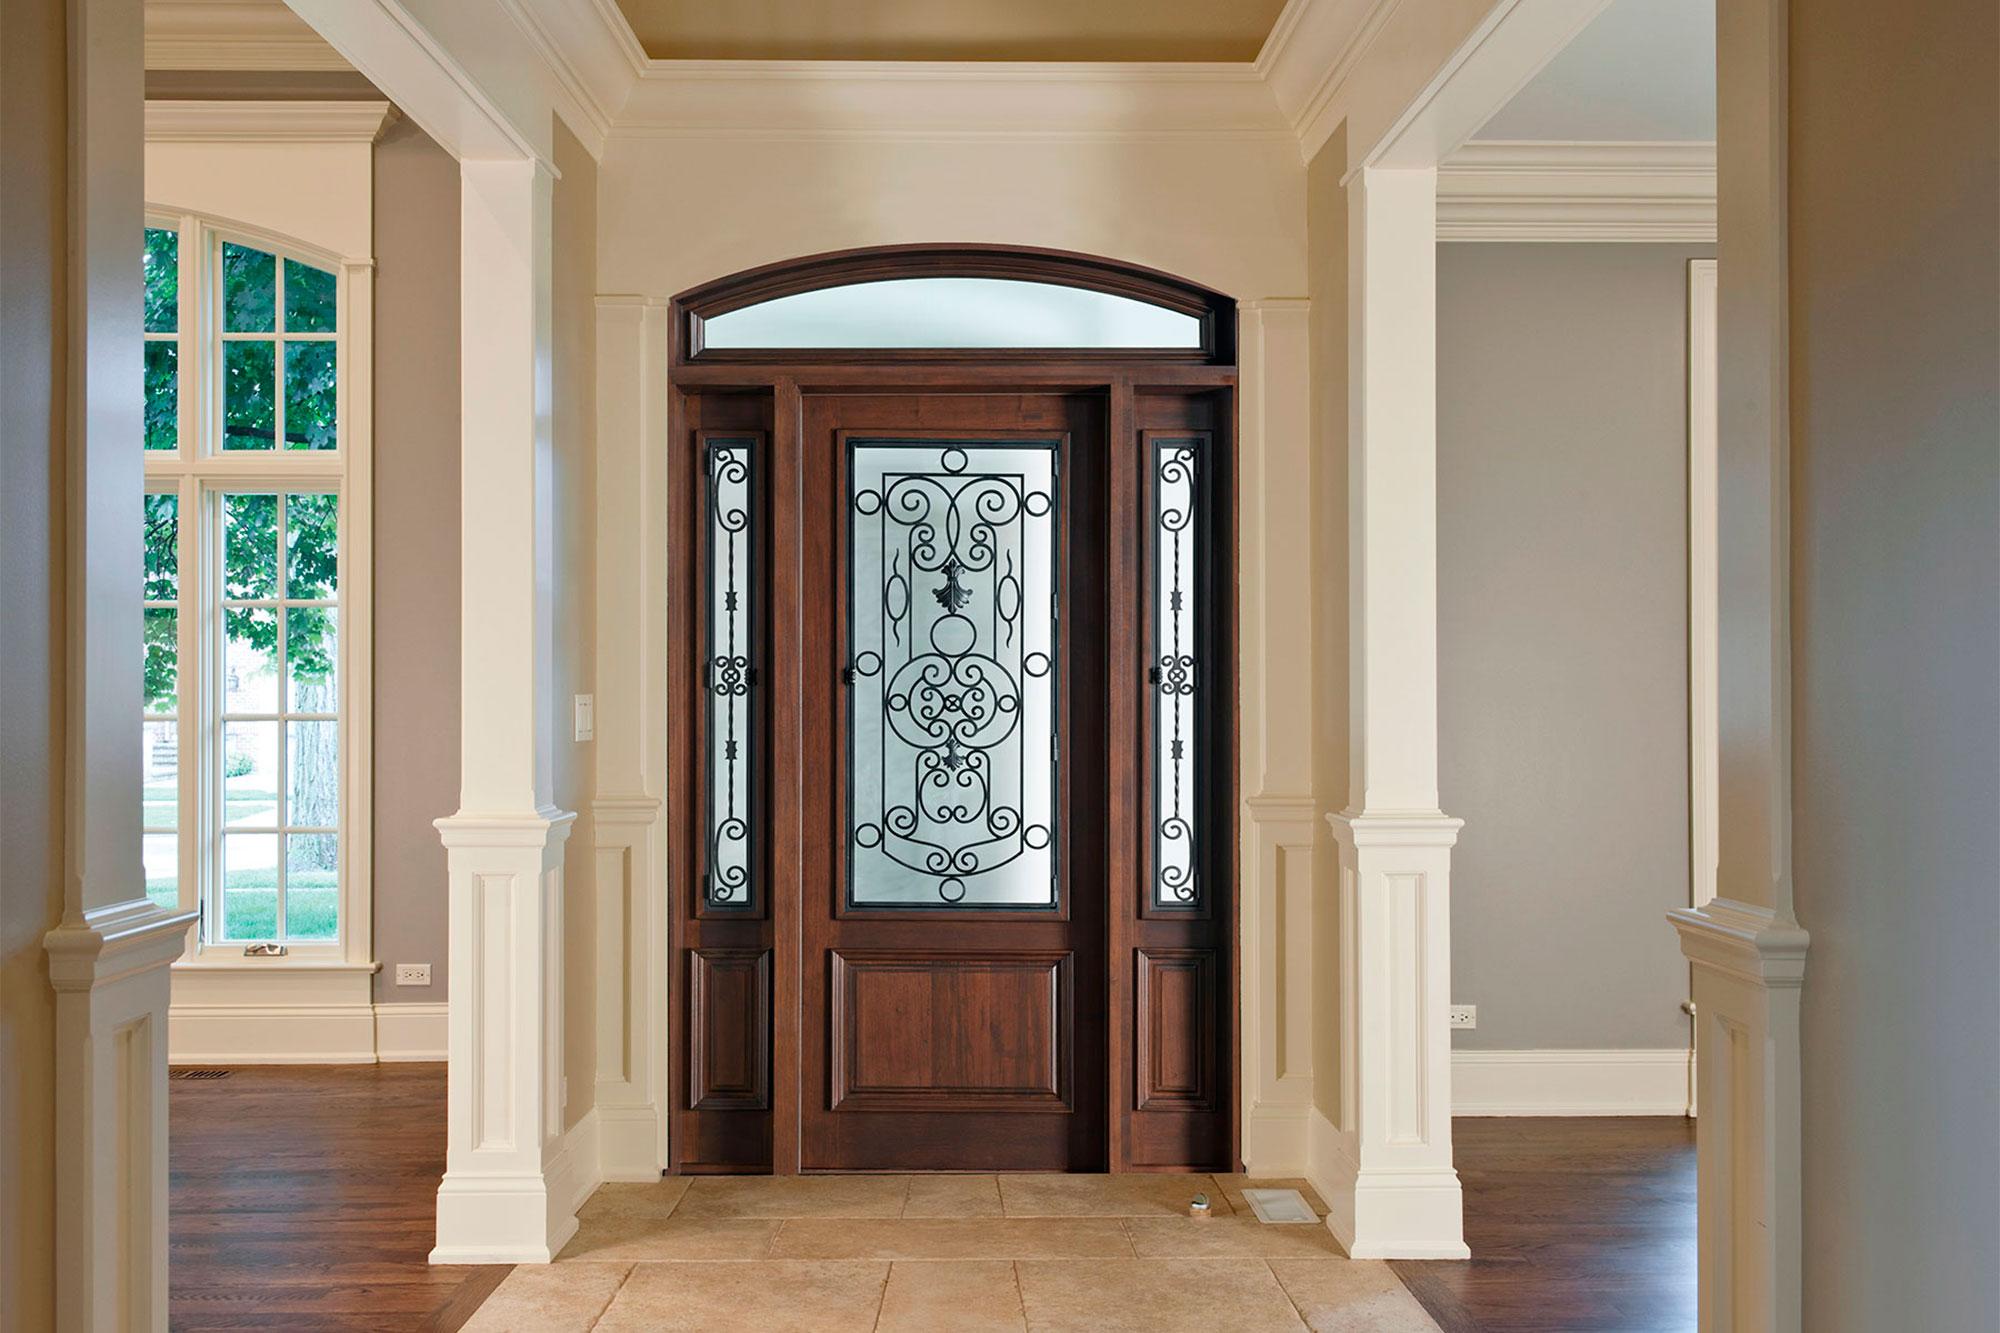 Custom Wood Front Entry Doors | Heritage Collection Custom Wood Front Entry Door DB-552G 2SL TR CST - Glenview Doors - Custom Doors in Chicago